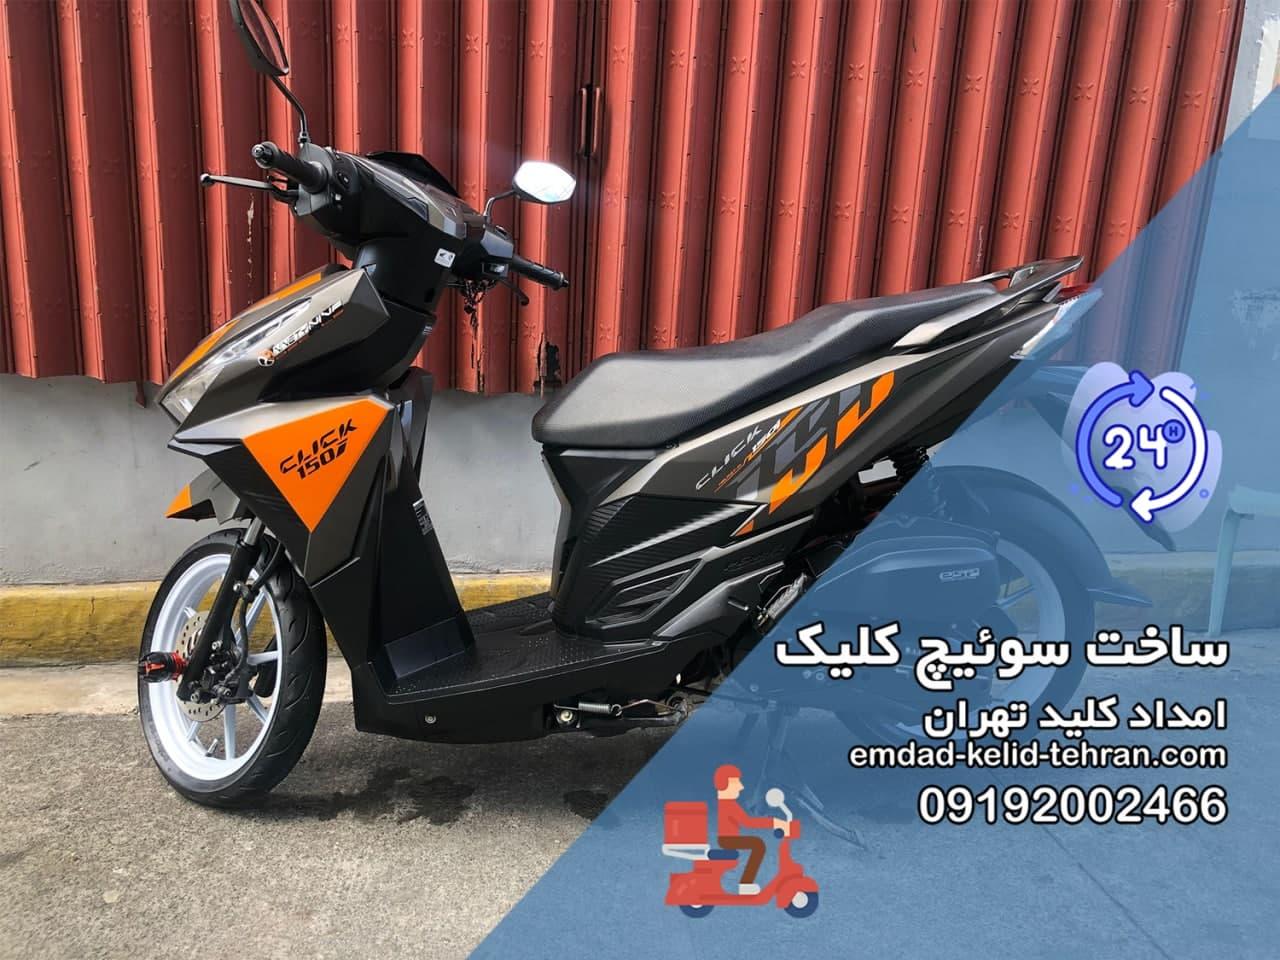 ساخت سوئیچ موتور سیکلت کلیک